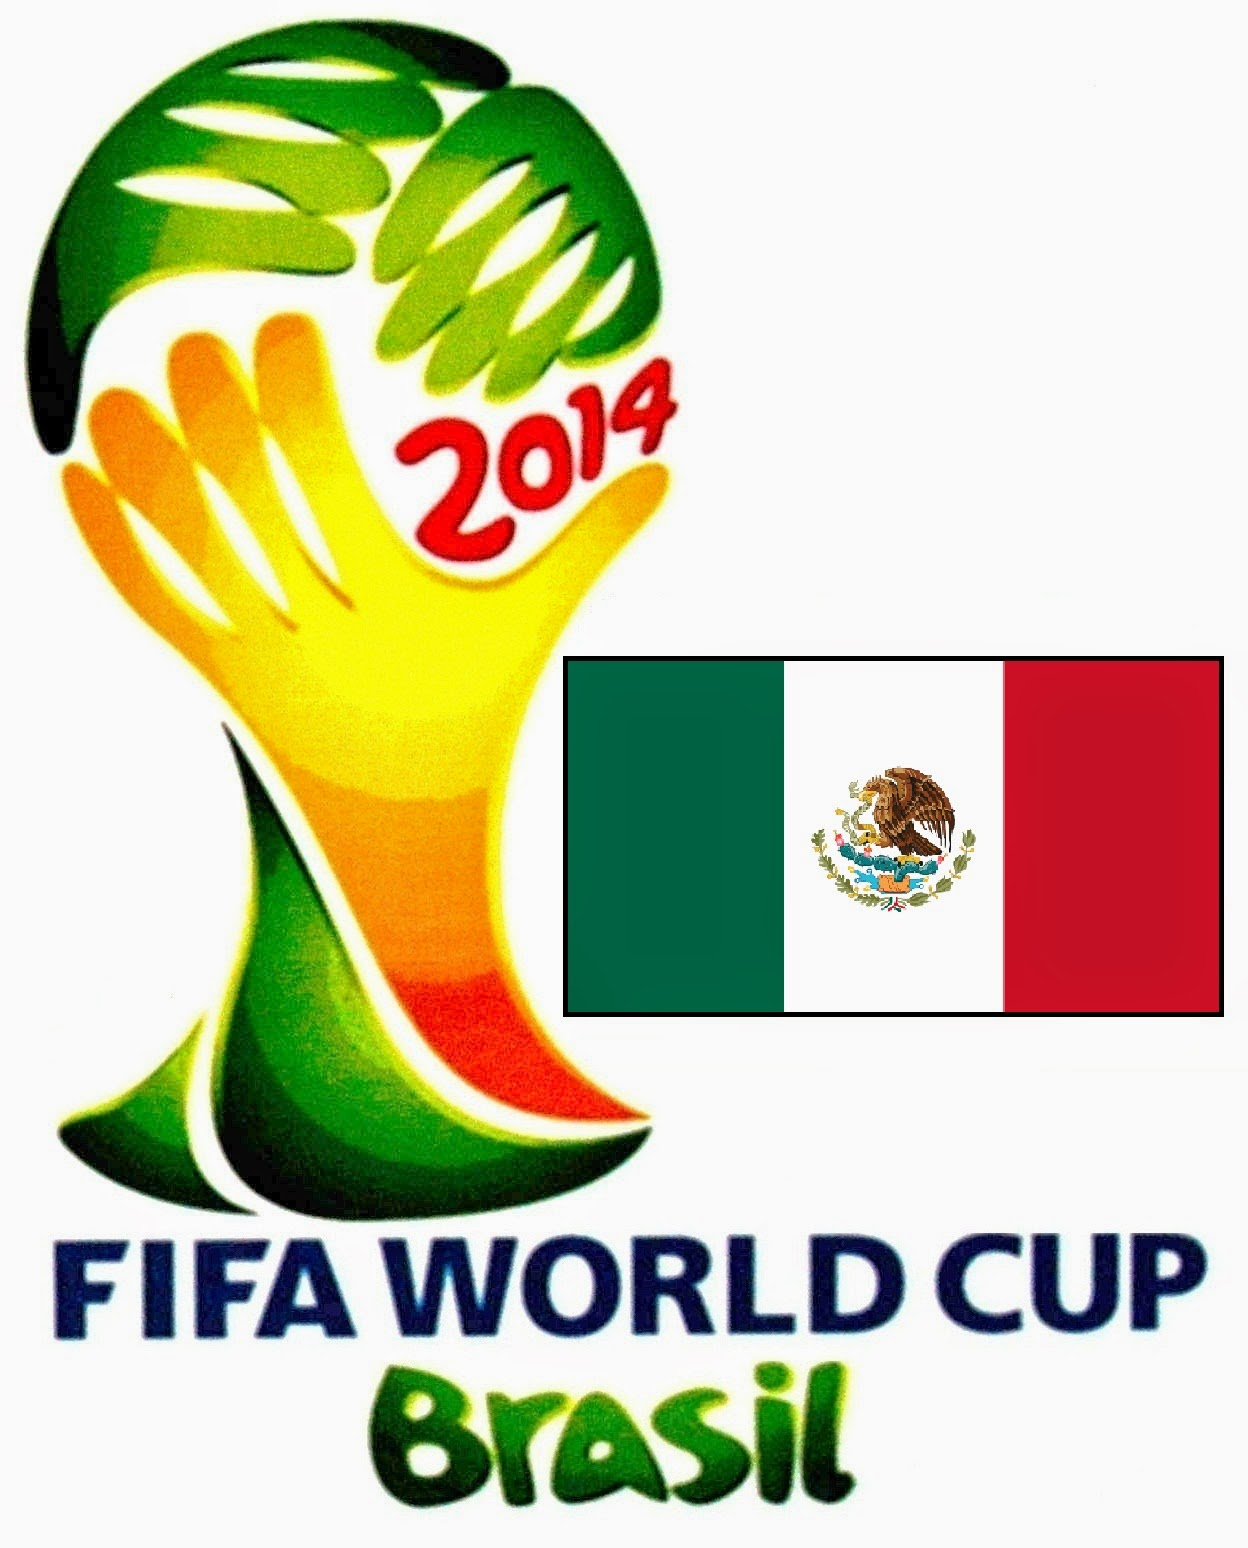 Daftar Nama Pemain Timnas Meksiko Piala Dunia 2014